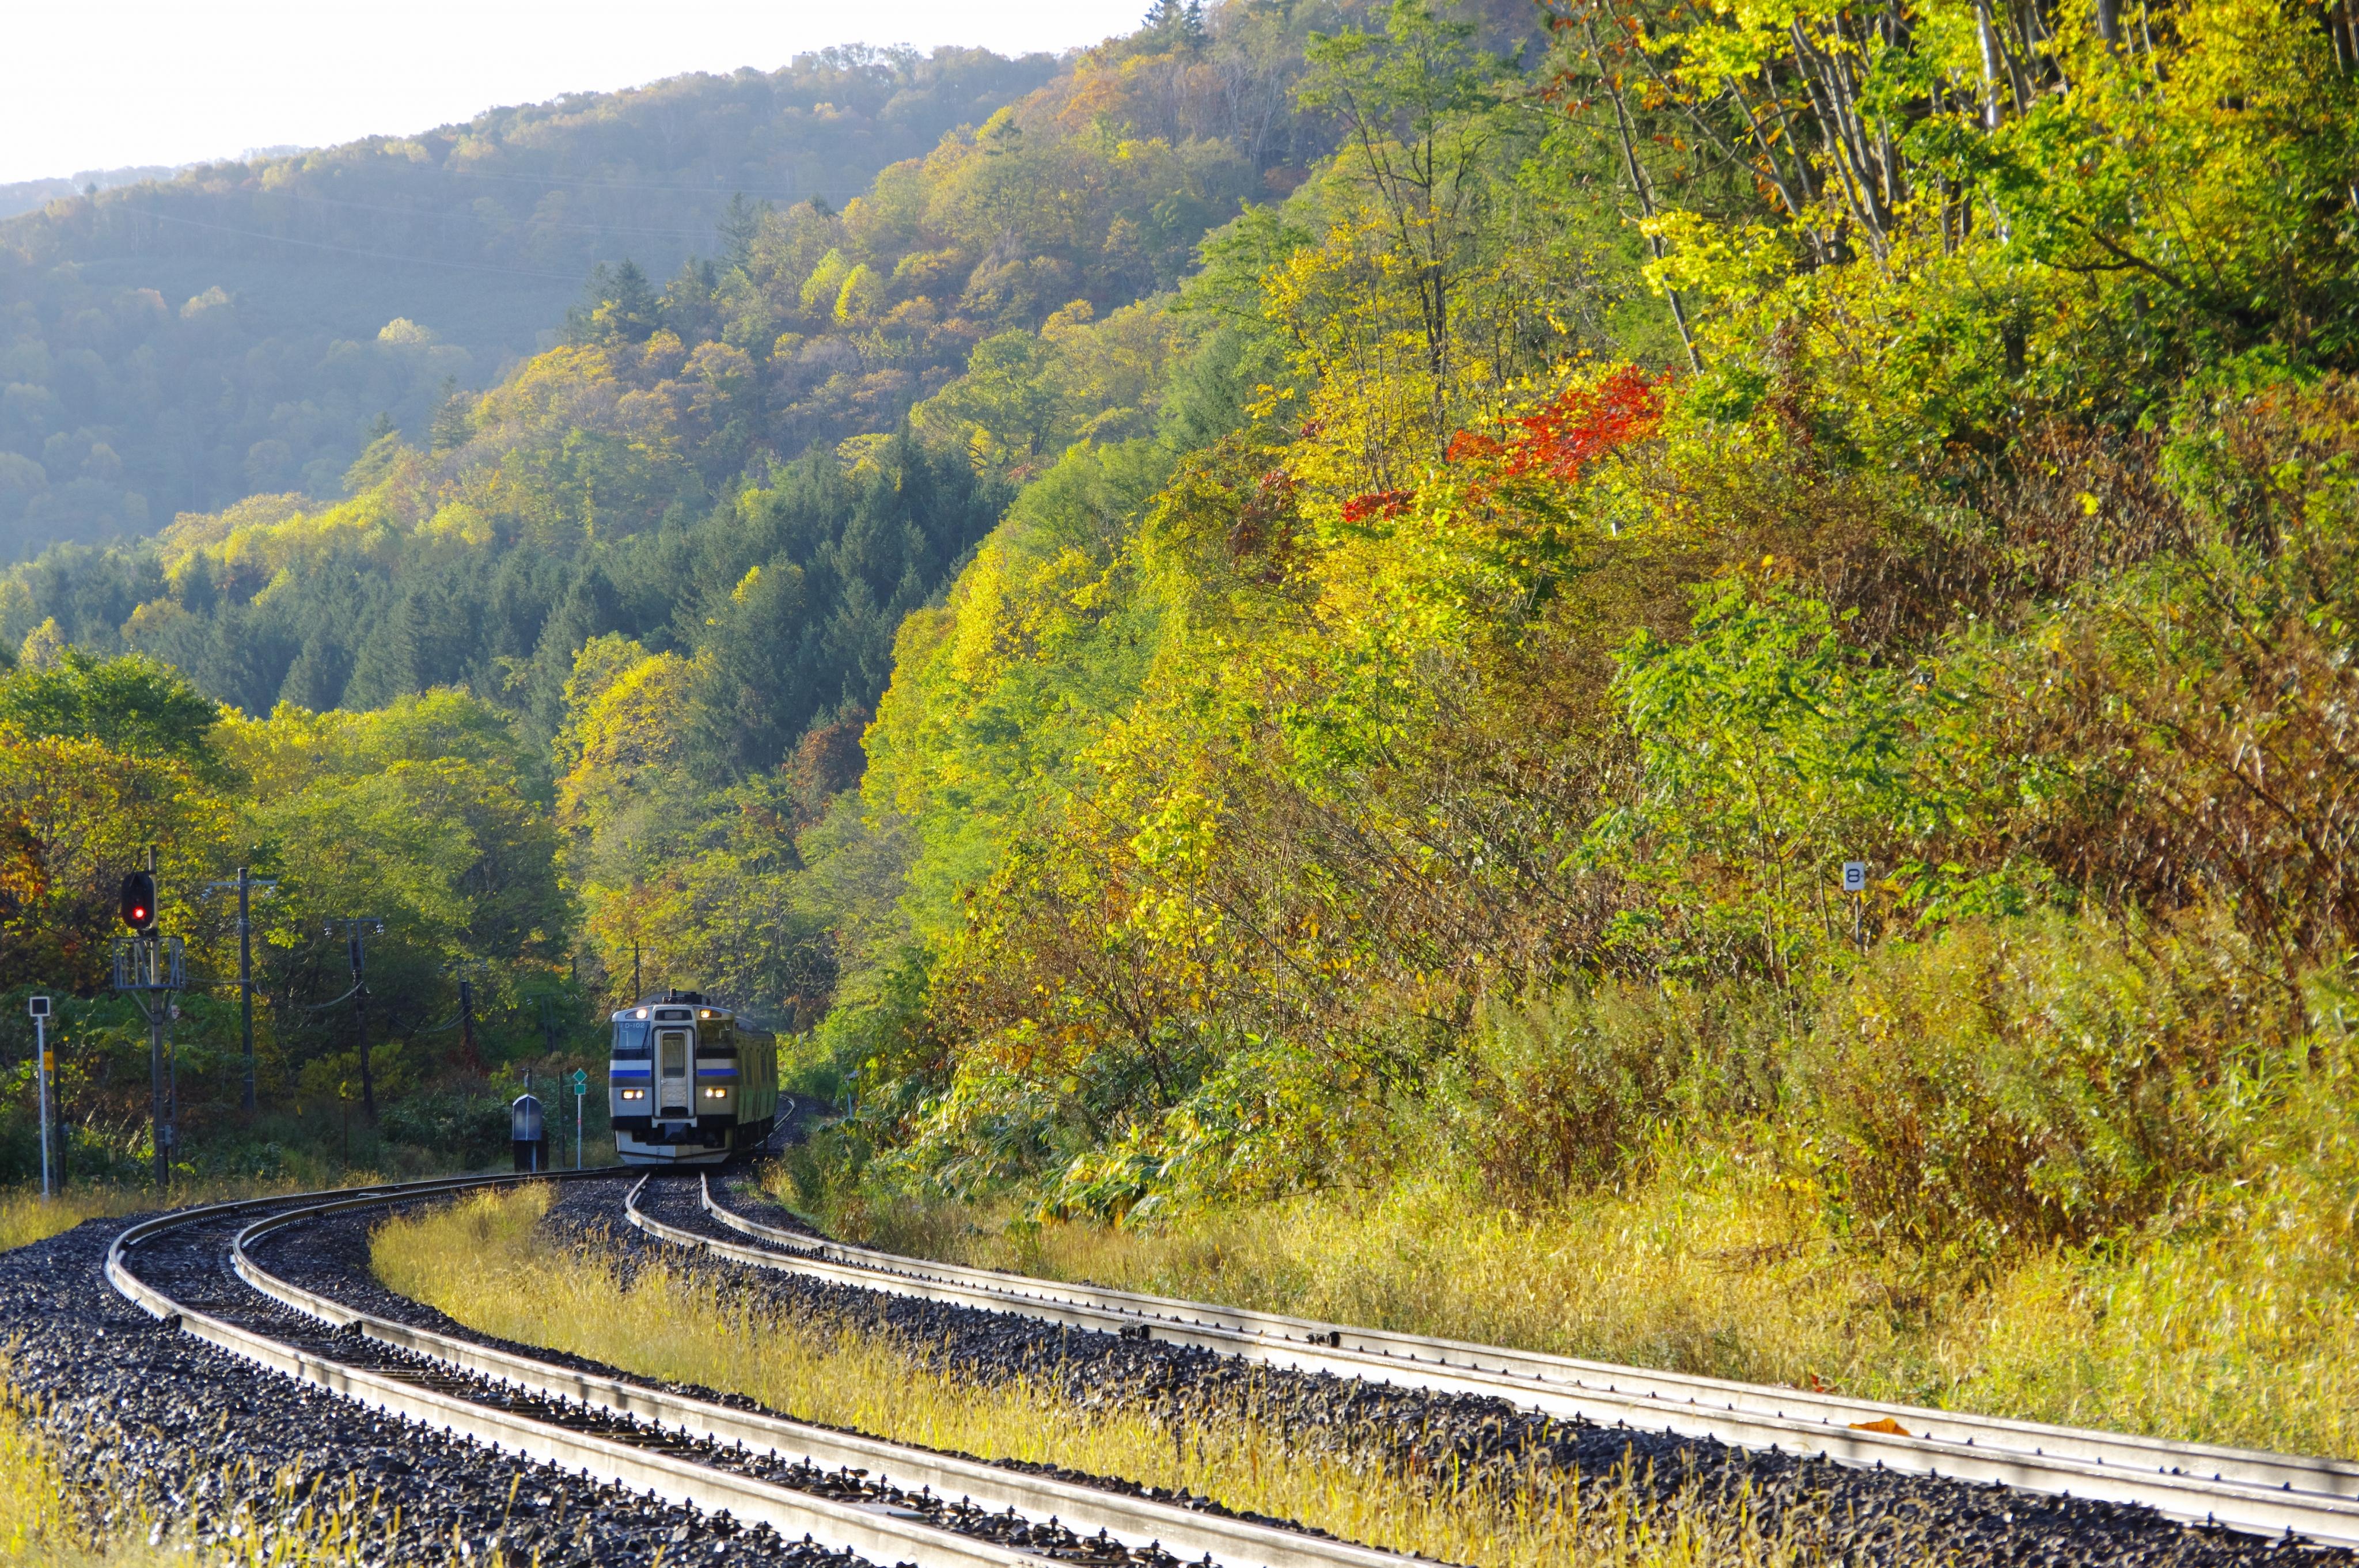 キハ201系 3925D 快速ニセコライナー 銀山駅 181021.jpg